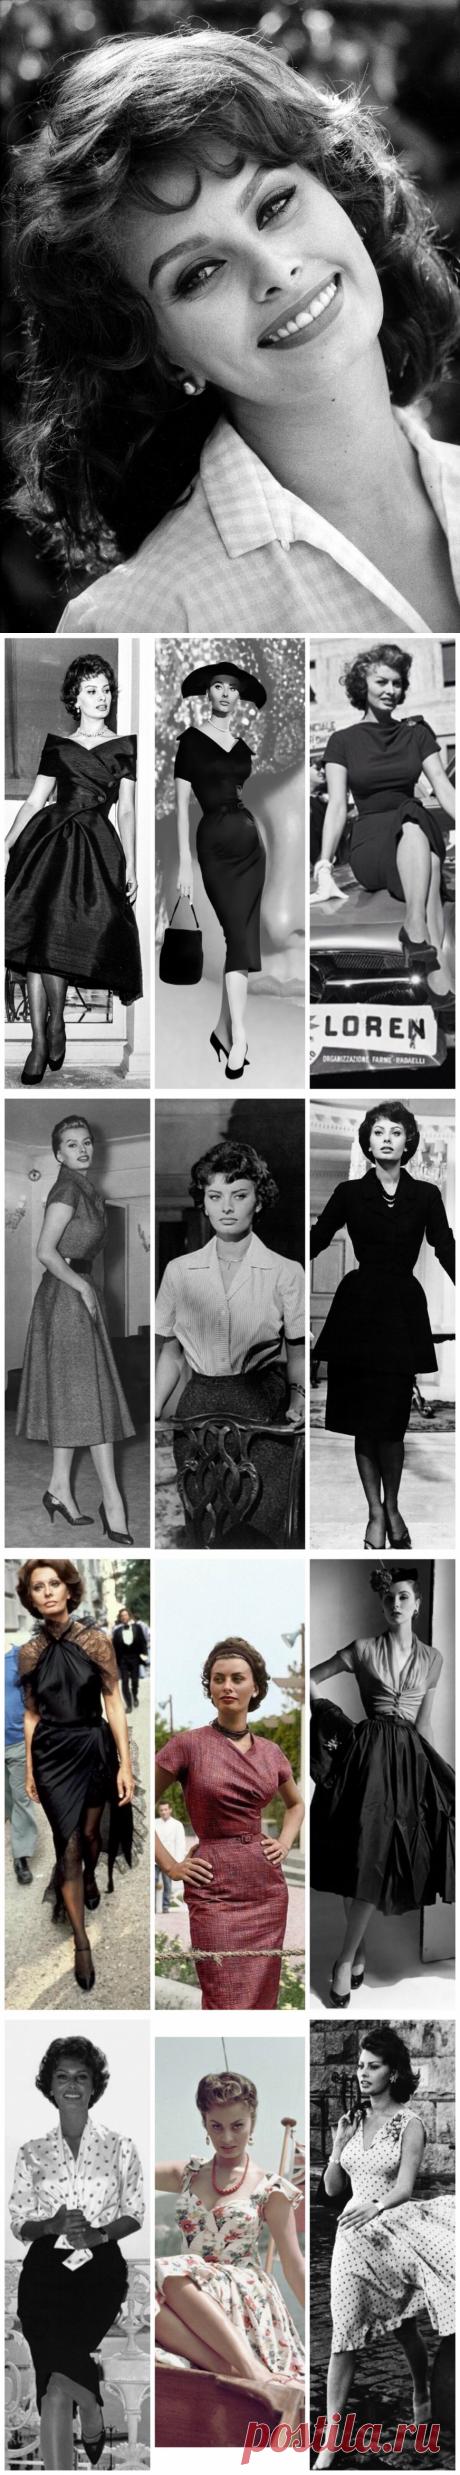 Икона стиля - Софи Лорен. Как одевалась и сопротивлялась попыткам «переделки» ее внешности популярнейшая актриса 20 века.   Мода вне времени   Яндекс Дзен